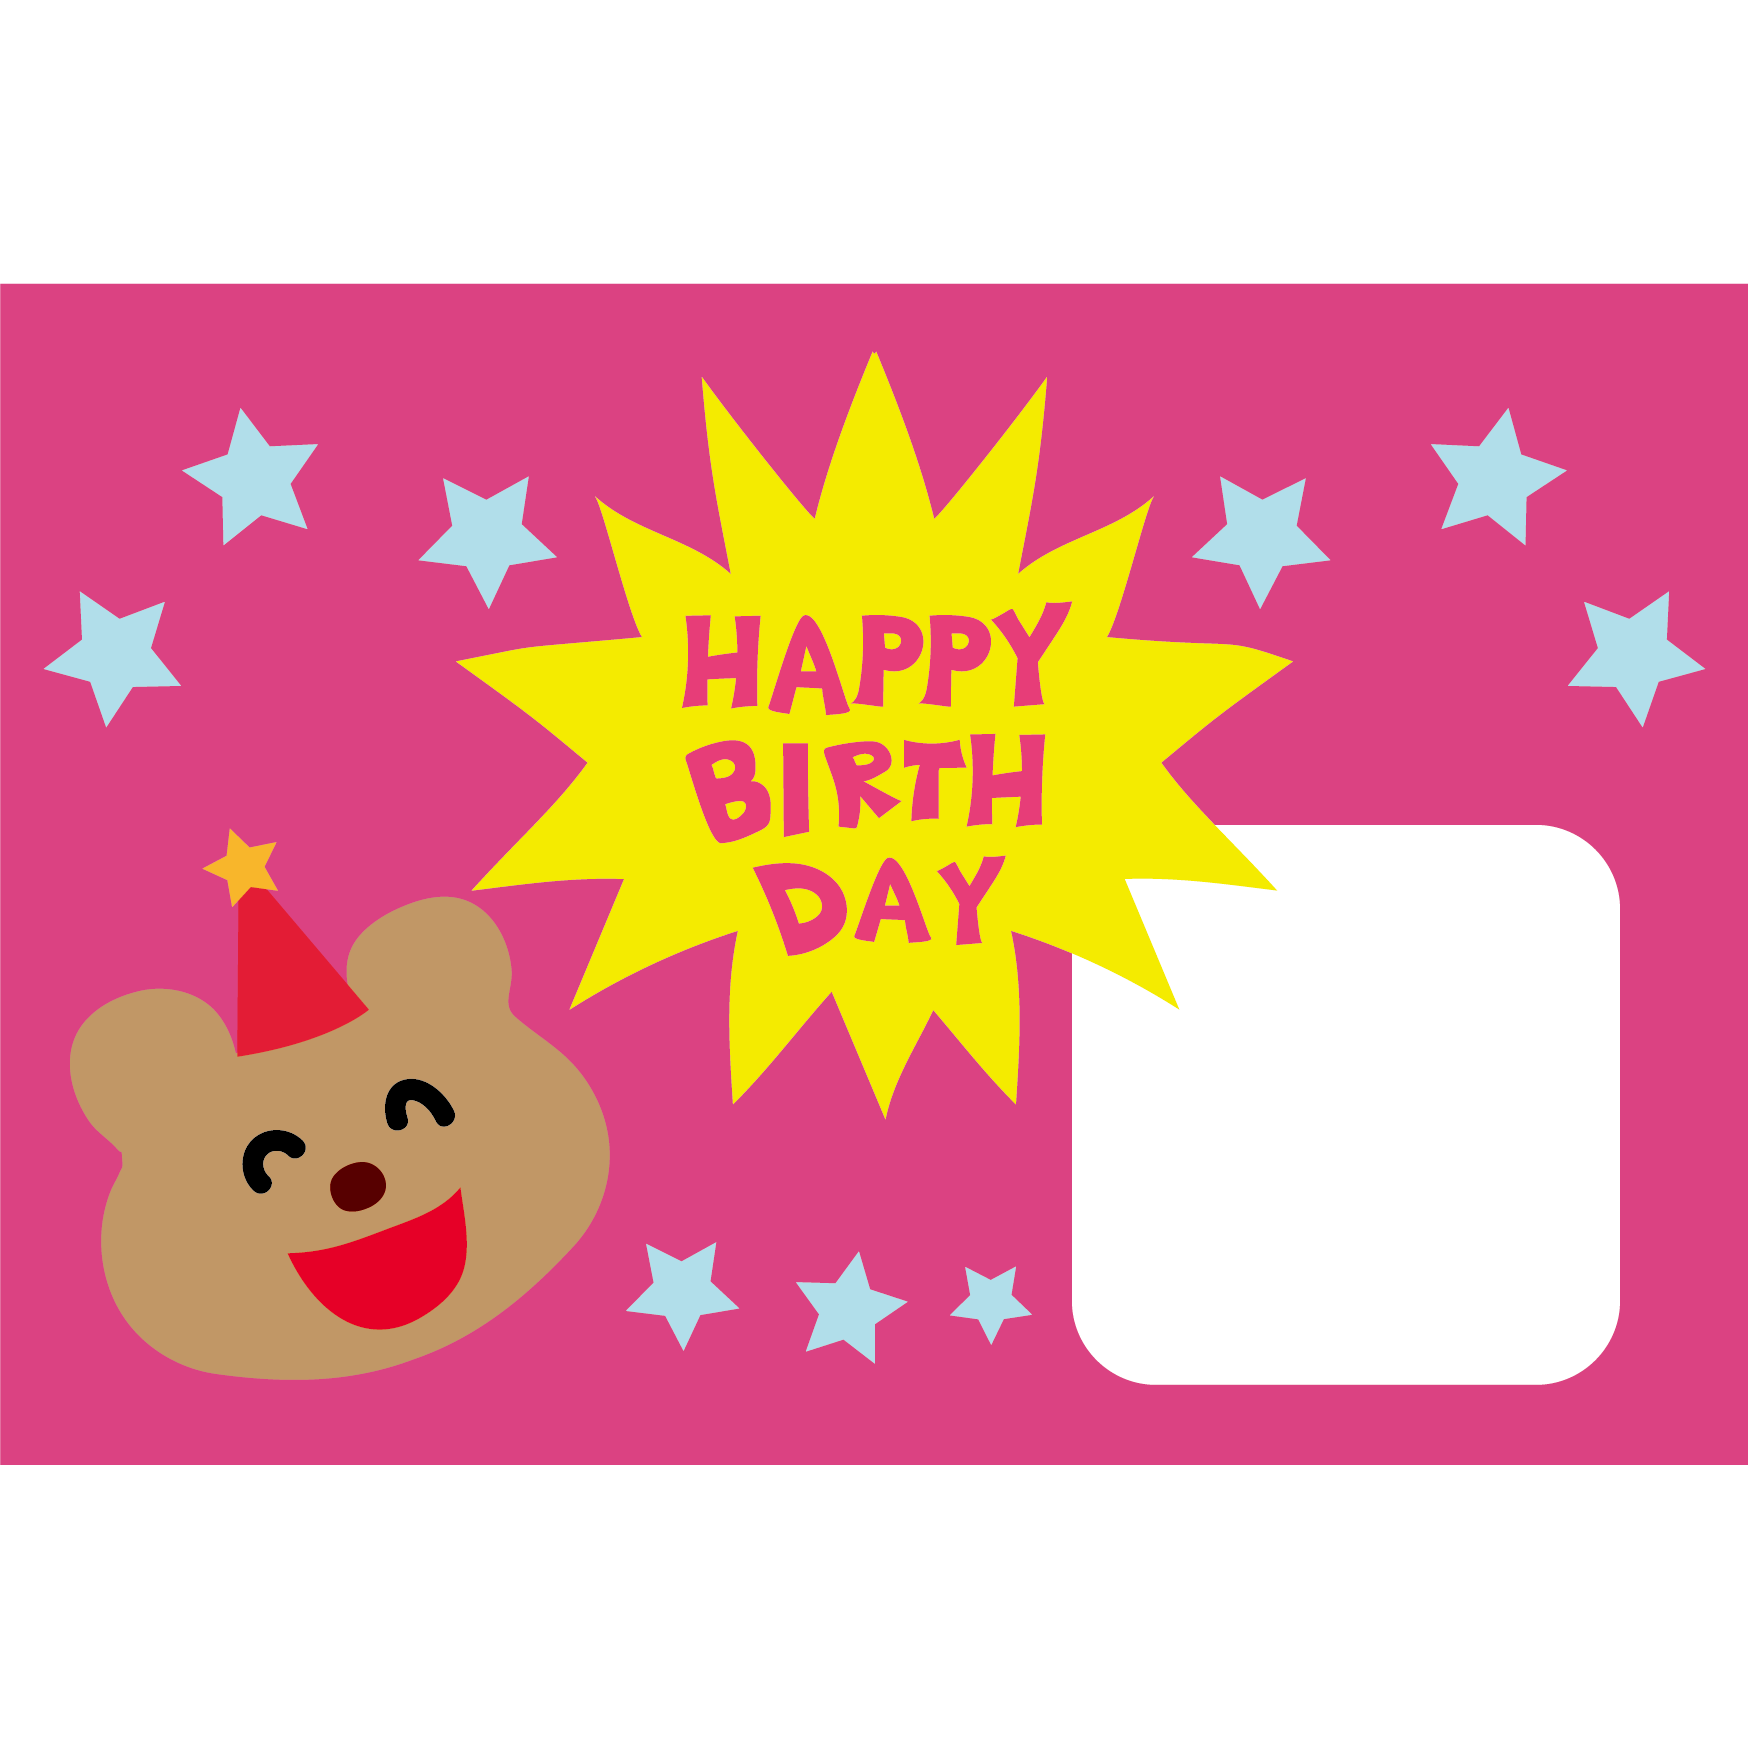 【グリーティングカード】HAPPY BIRTH DAY!くま(クマ)のイラスト入り